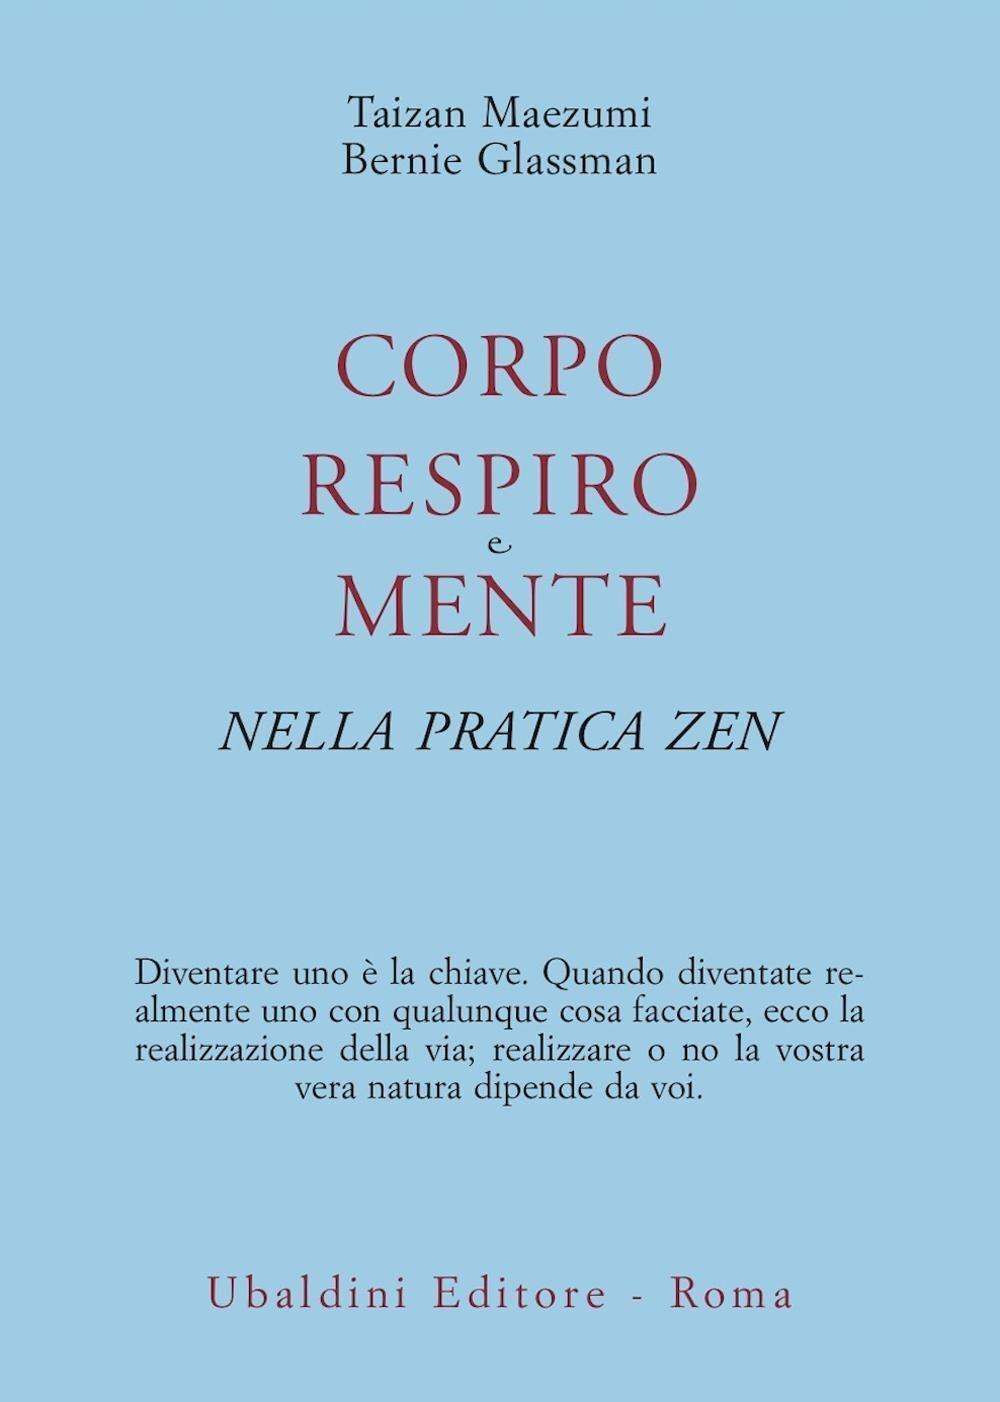 Corpo, respiro e mente nella pratica zen